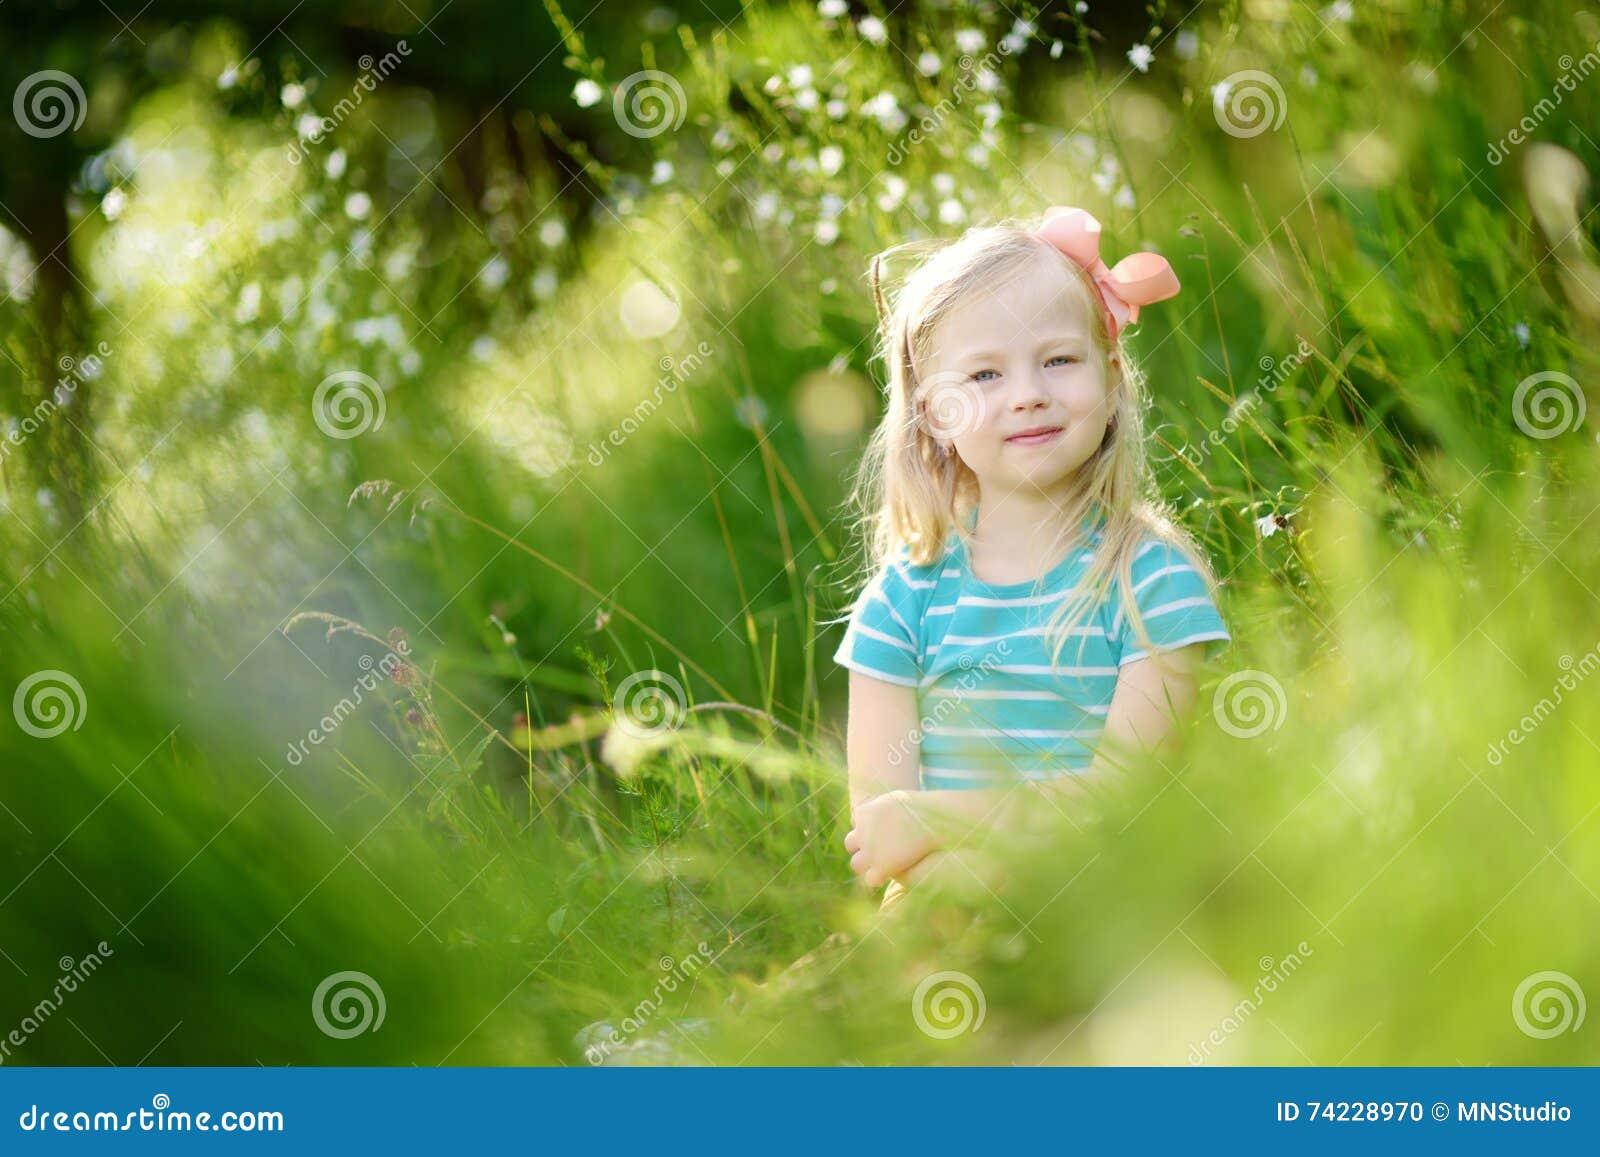 Portret van leuk weinig vrolijk meisje in openlucht